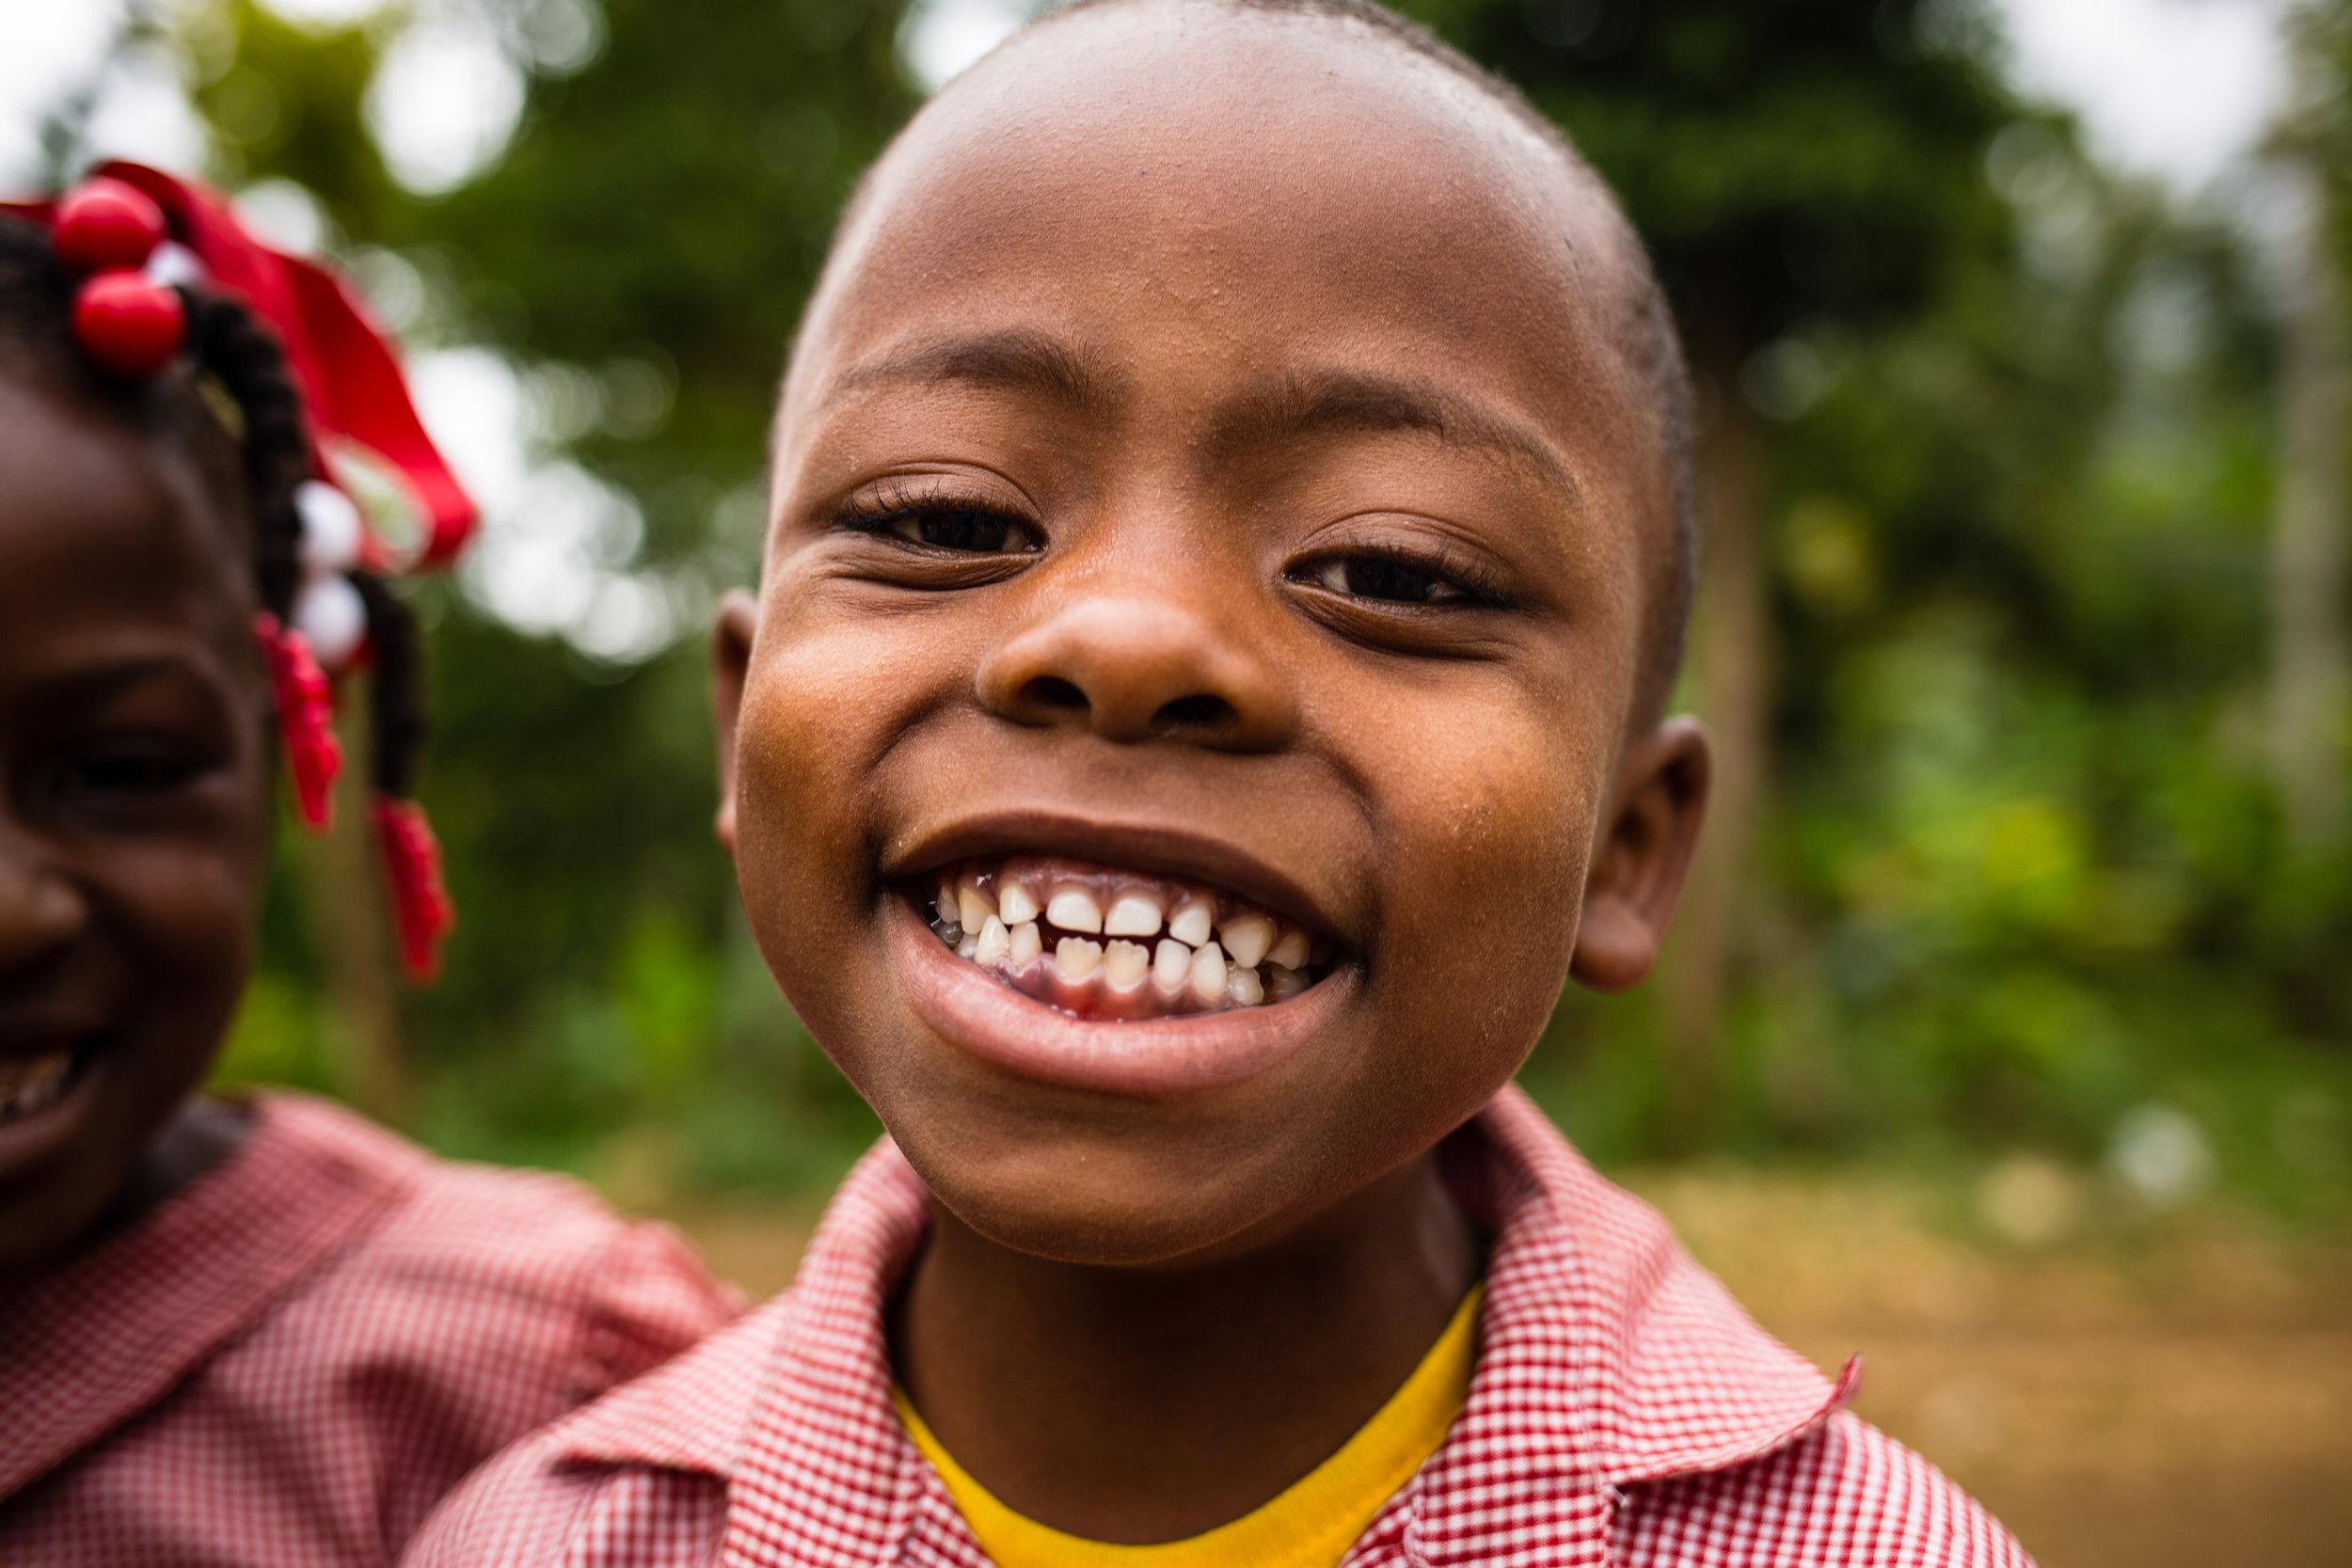 school boy smiling.jpg